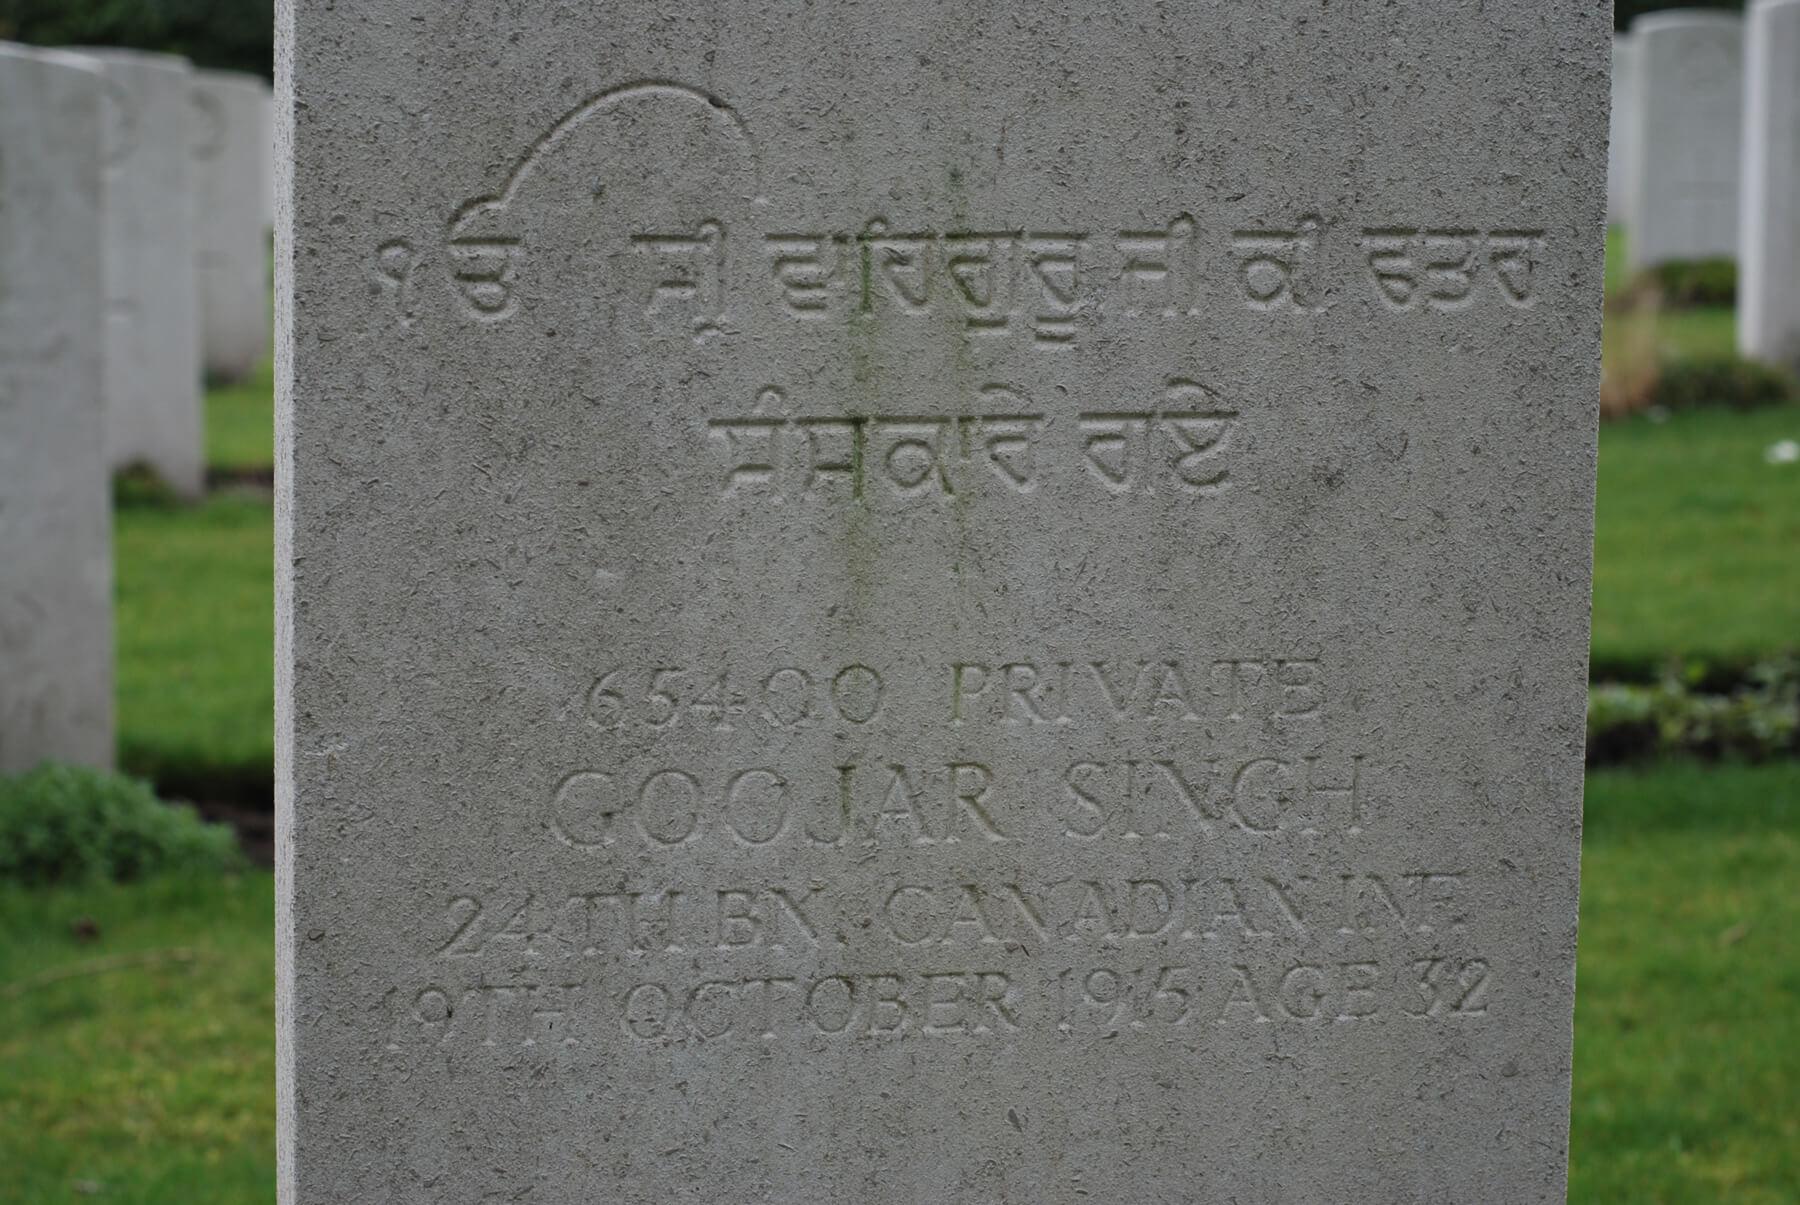 Gouger-Singh